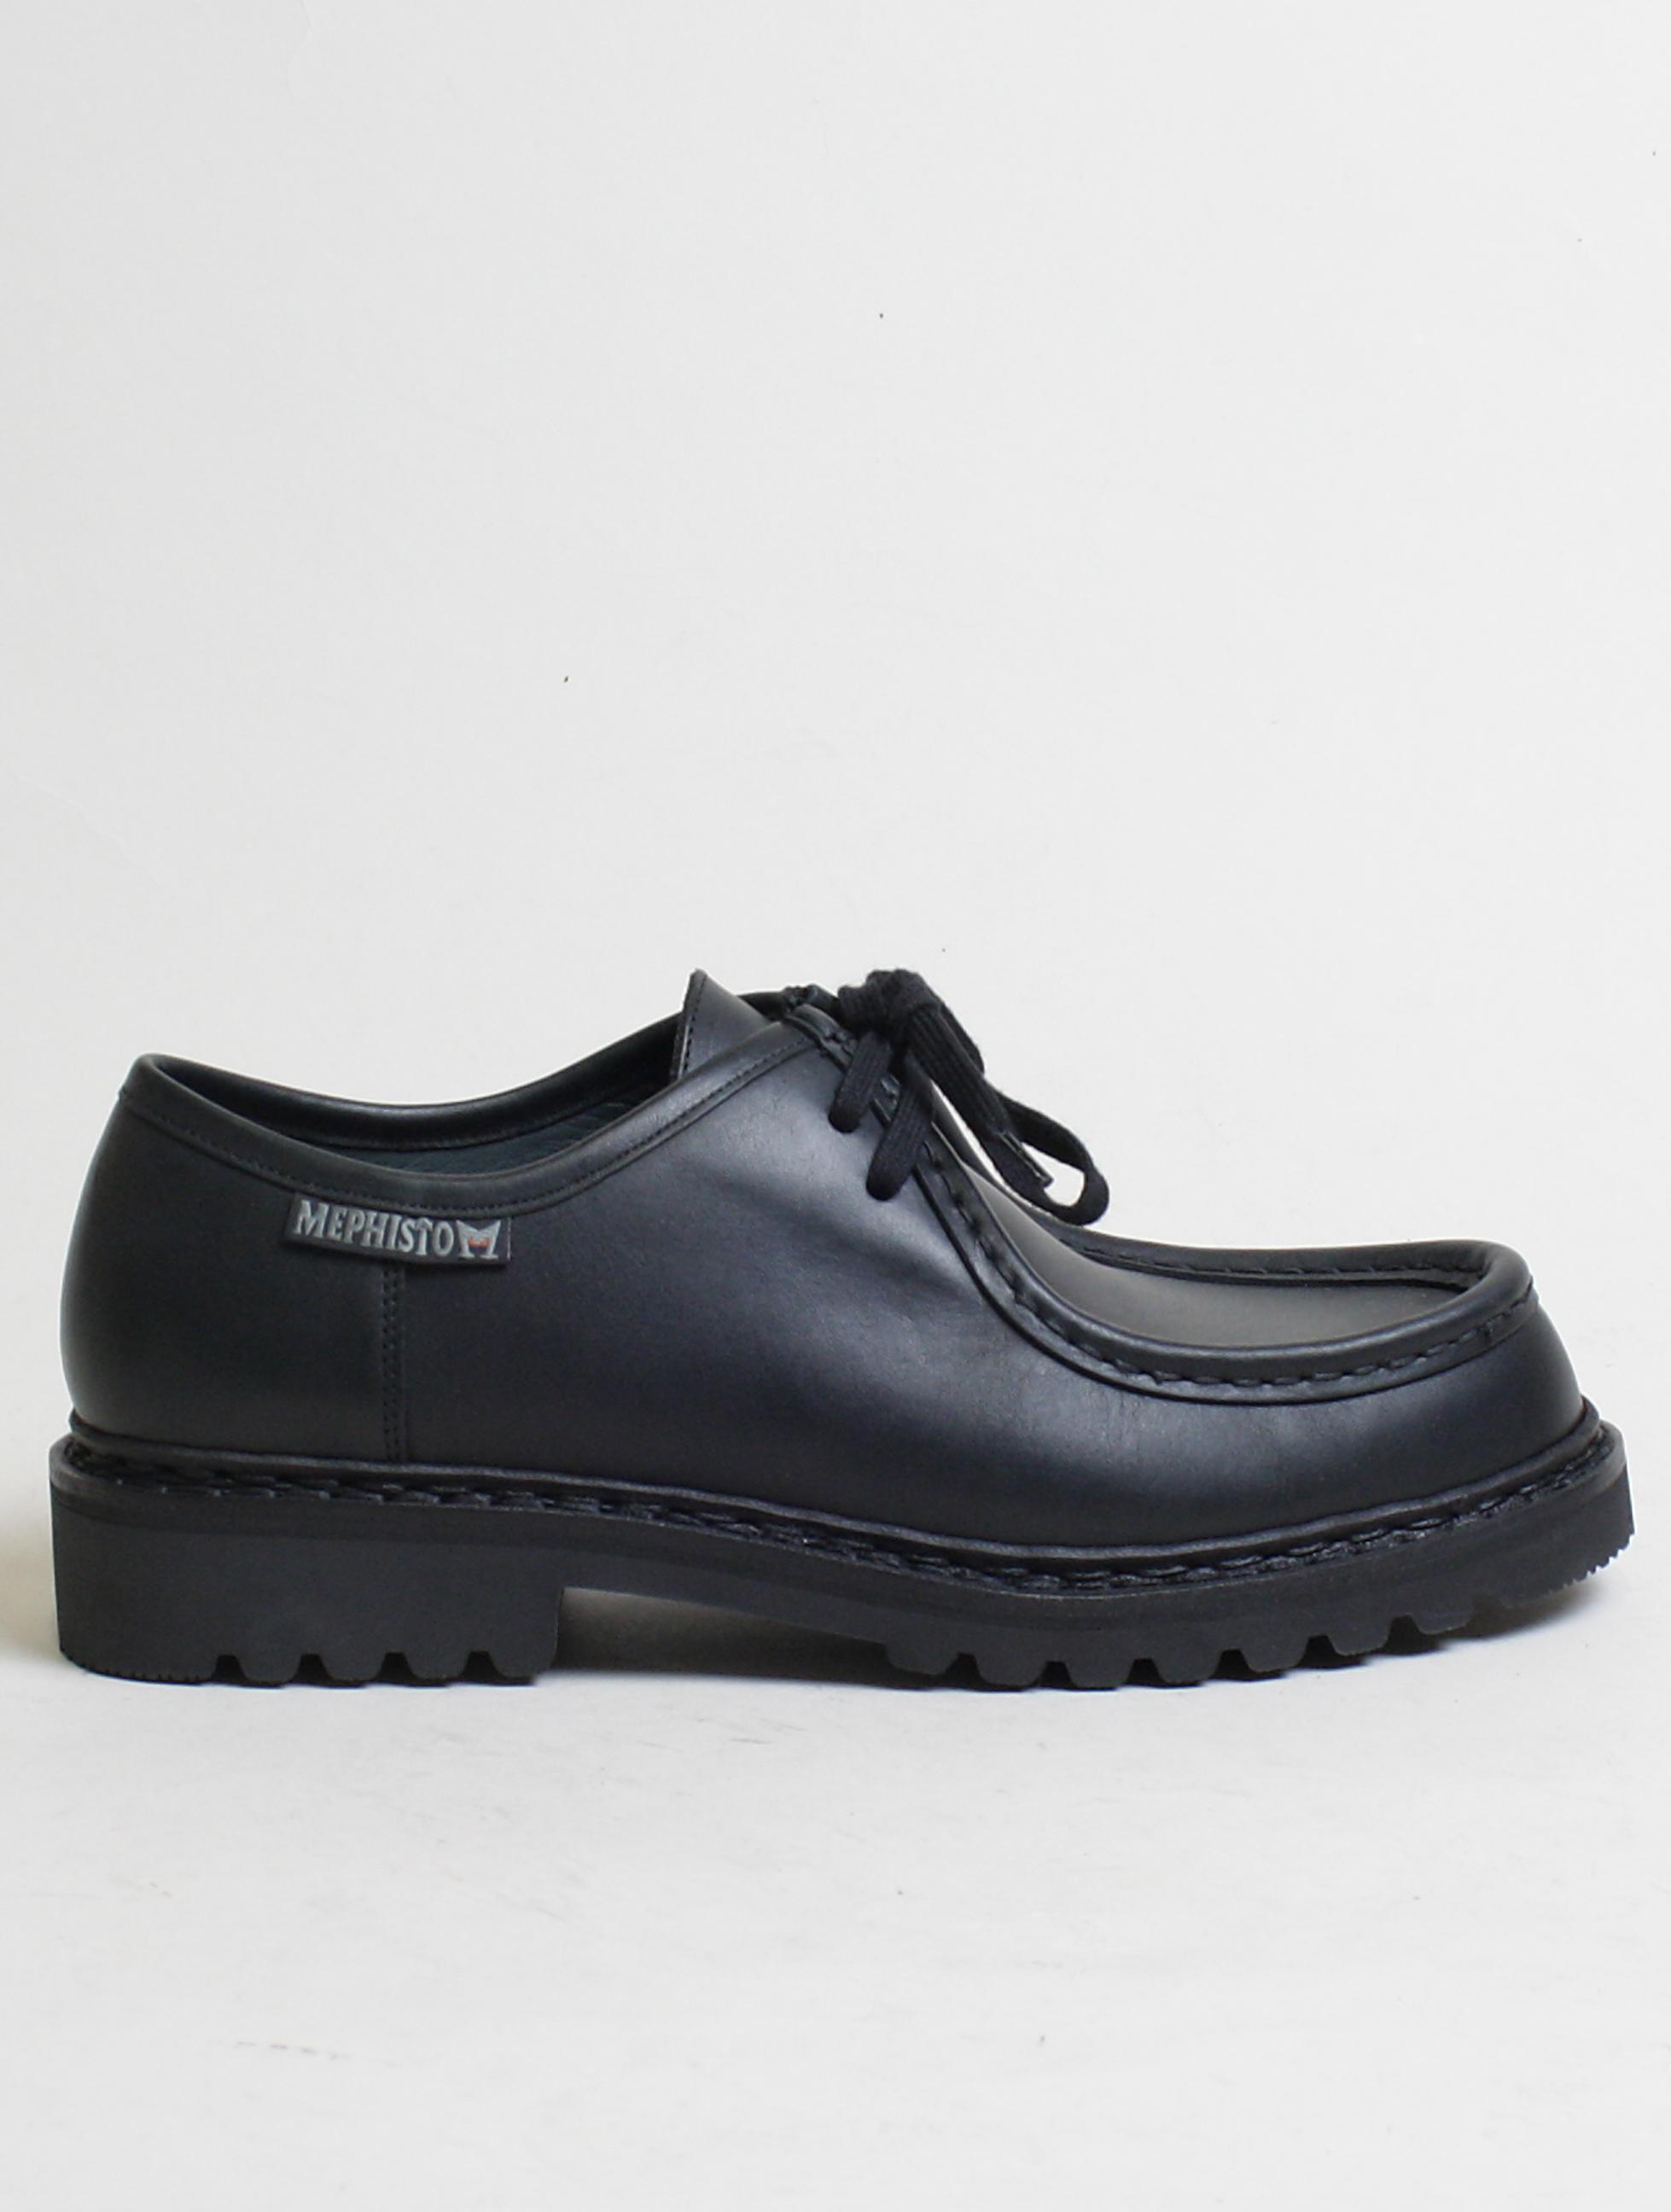 best website 88770 ce2e7 Mephisto scarpa allacciata 2 fori Peppo Black